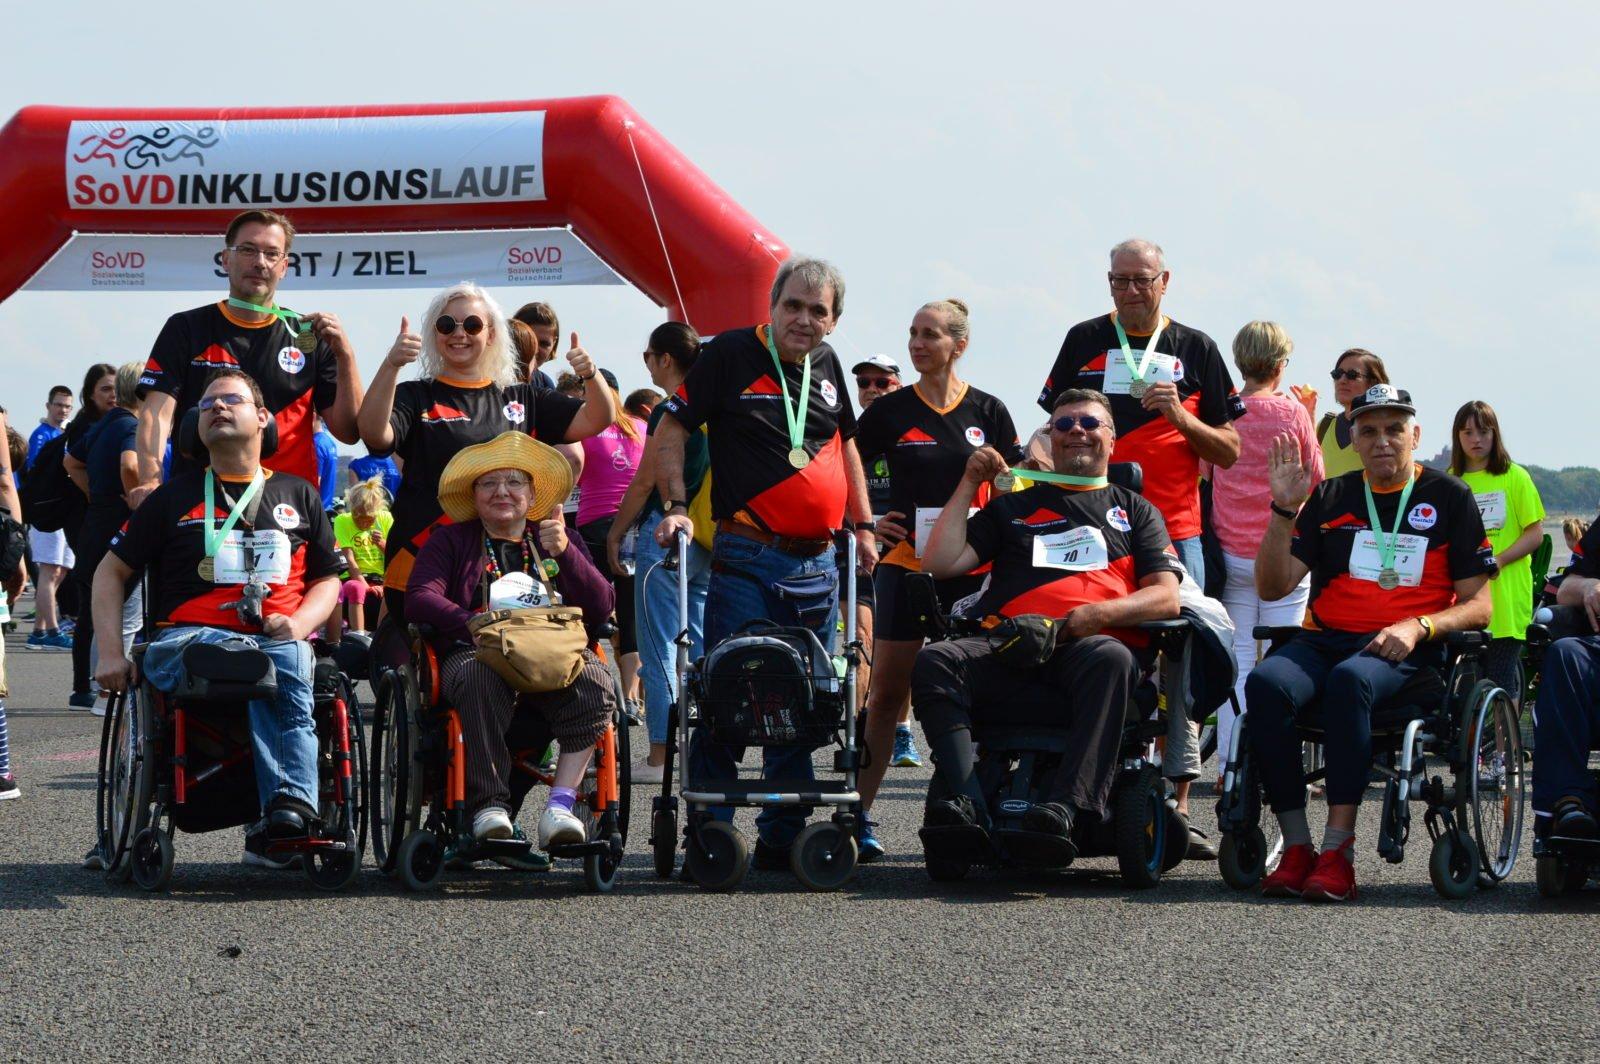 Eine Gruppe Menschen mit und ohne Rollstuhl posiert für ein Gruppenbild vor dem Start beim SoVD Inklusionslauf 2018. Alle tragen dieselben Trikots und Medaillien um den Hals.